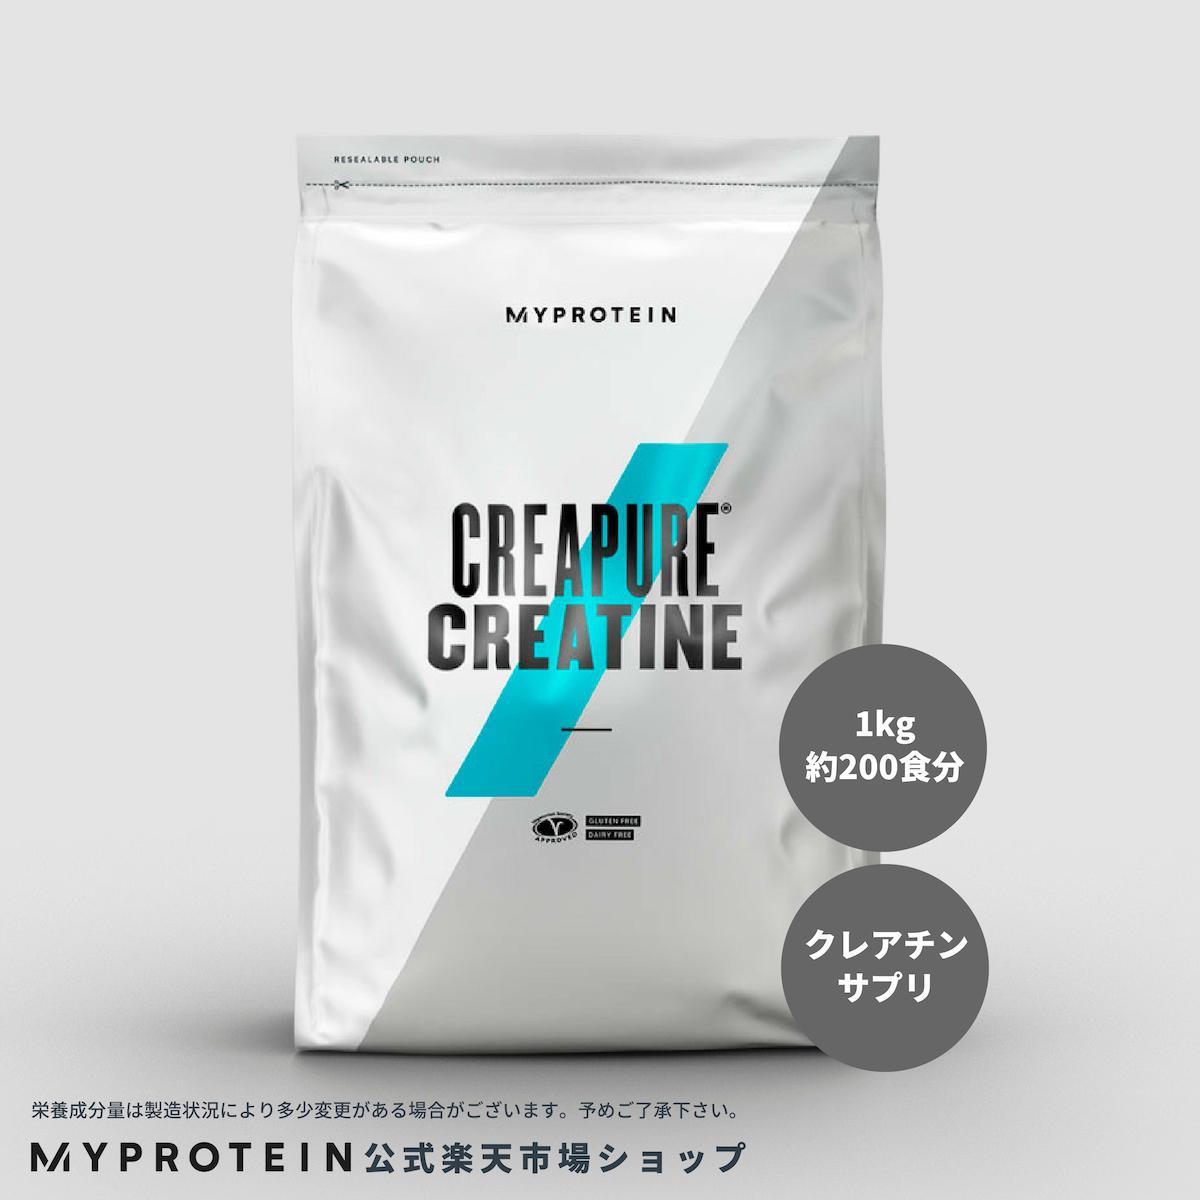 マイプロテイン 公式 【MyProtein】 クレアピュア クレアチン 1kg 約200食分| サプリメント サプリ アミノ酸 あみの酸 クレアチン クエン酸 燃焼系 スポーツサプリ ダイエットサプリ パウダー モノハイドレート